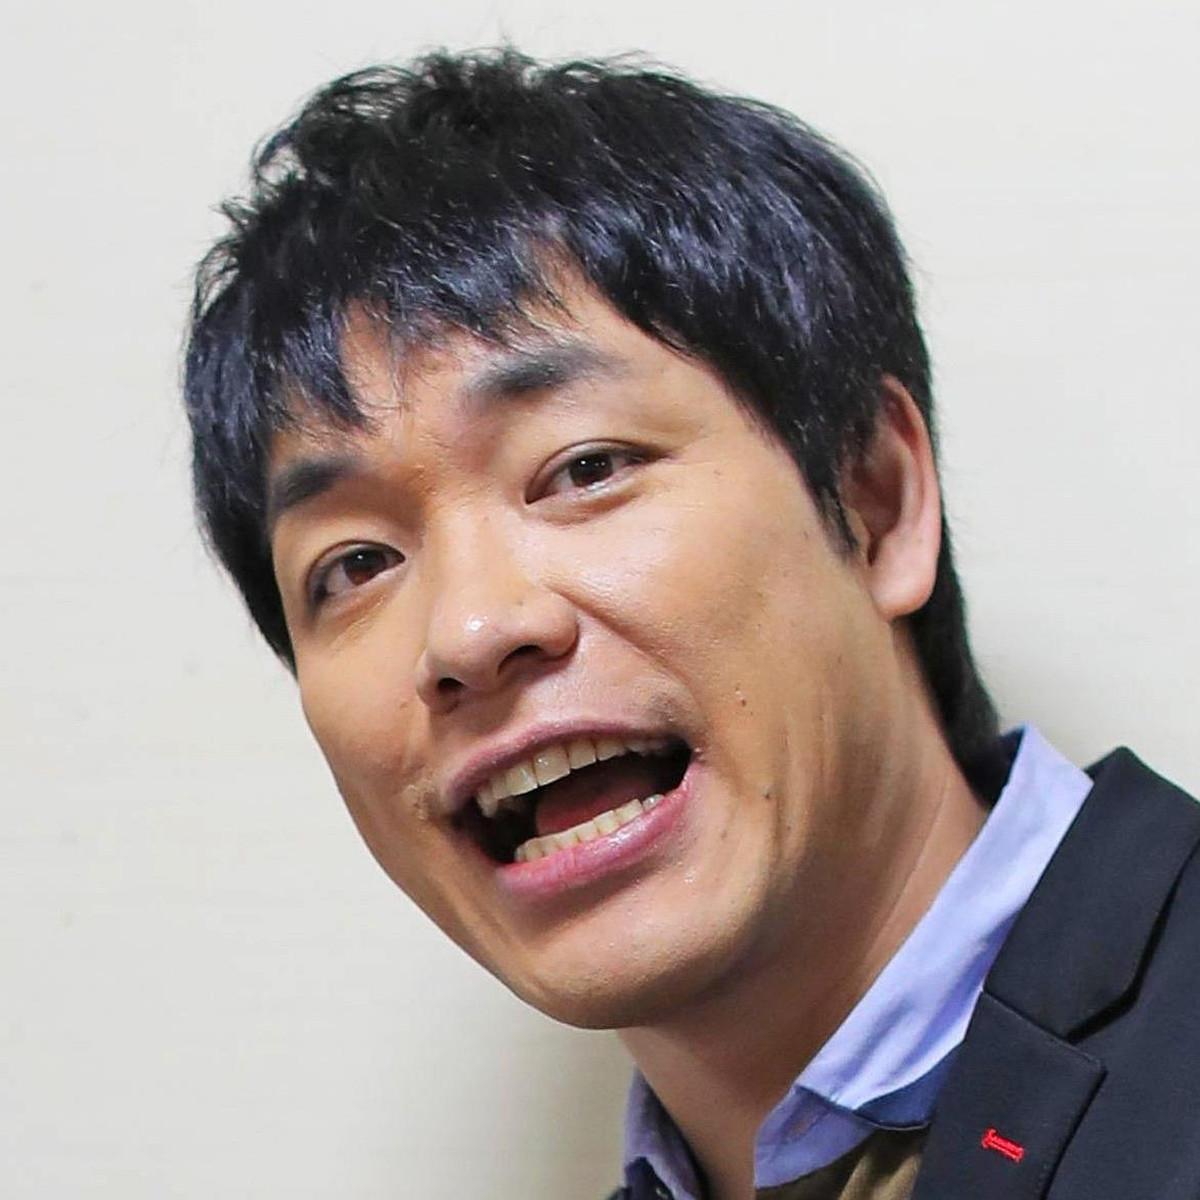 【視聴率】麒麟・川島明MCのTBS新番組「ラヴィット!」初回視聴率2・7%  ★2  [爆笑ゴリラ★]